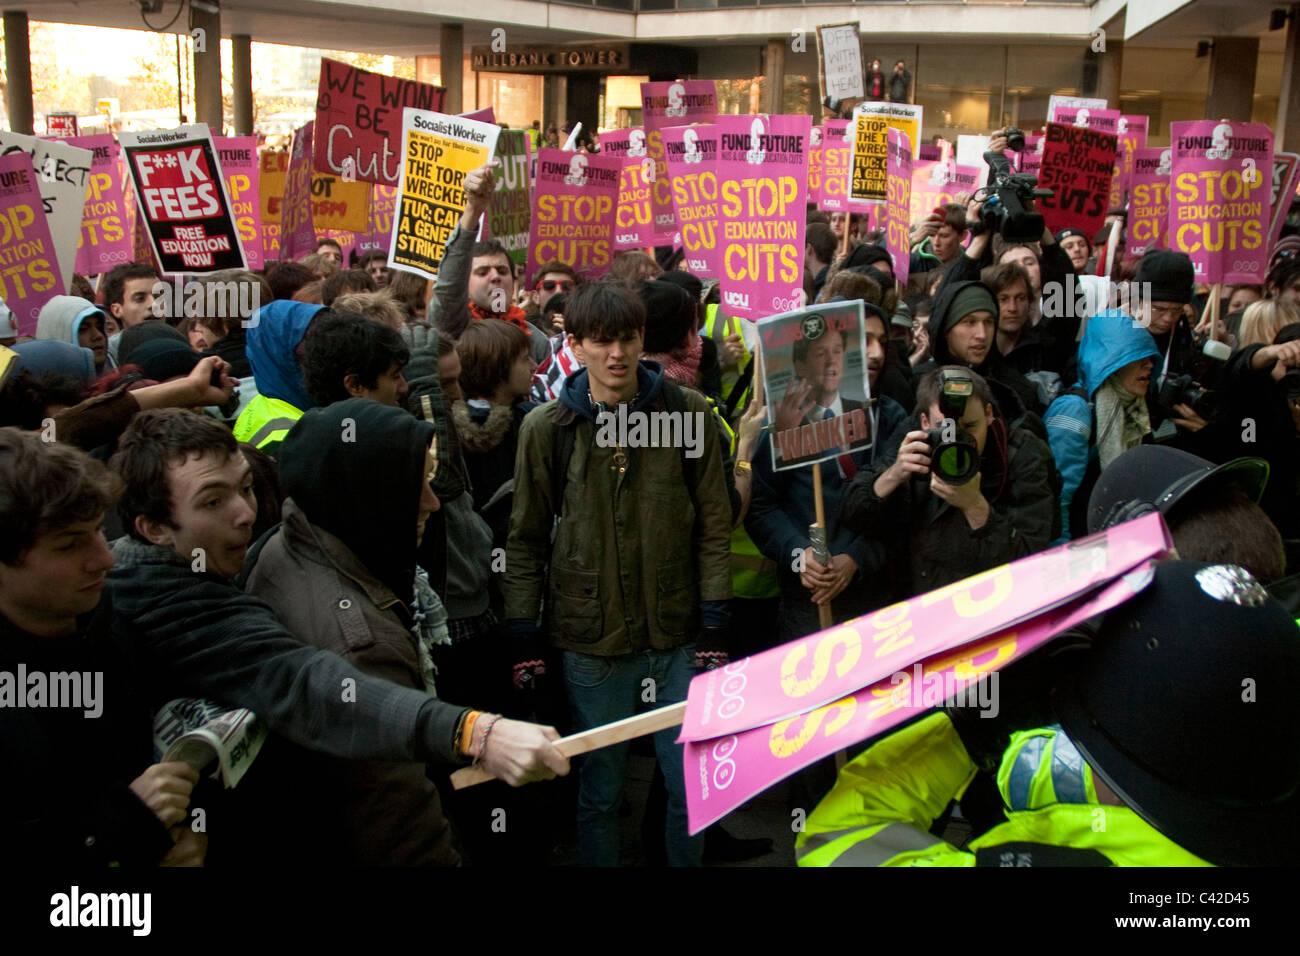 Un policía golpea con una pancarta durante la primera protesta estudiantil en Londres en noviembre de 2010. Imagen De Stock